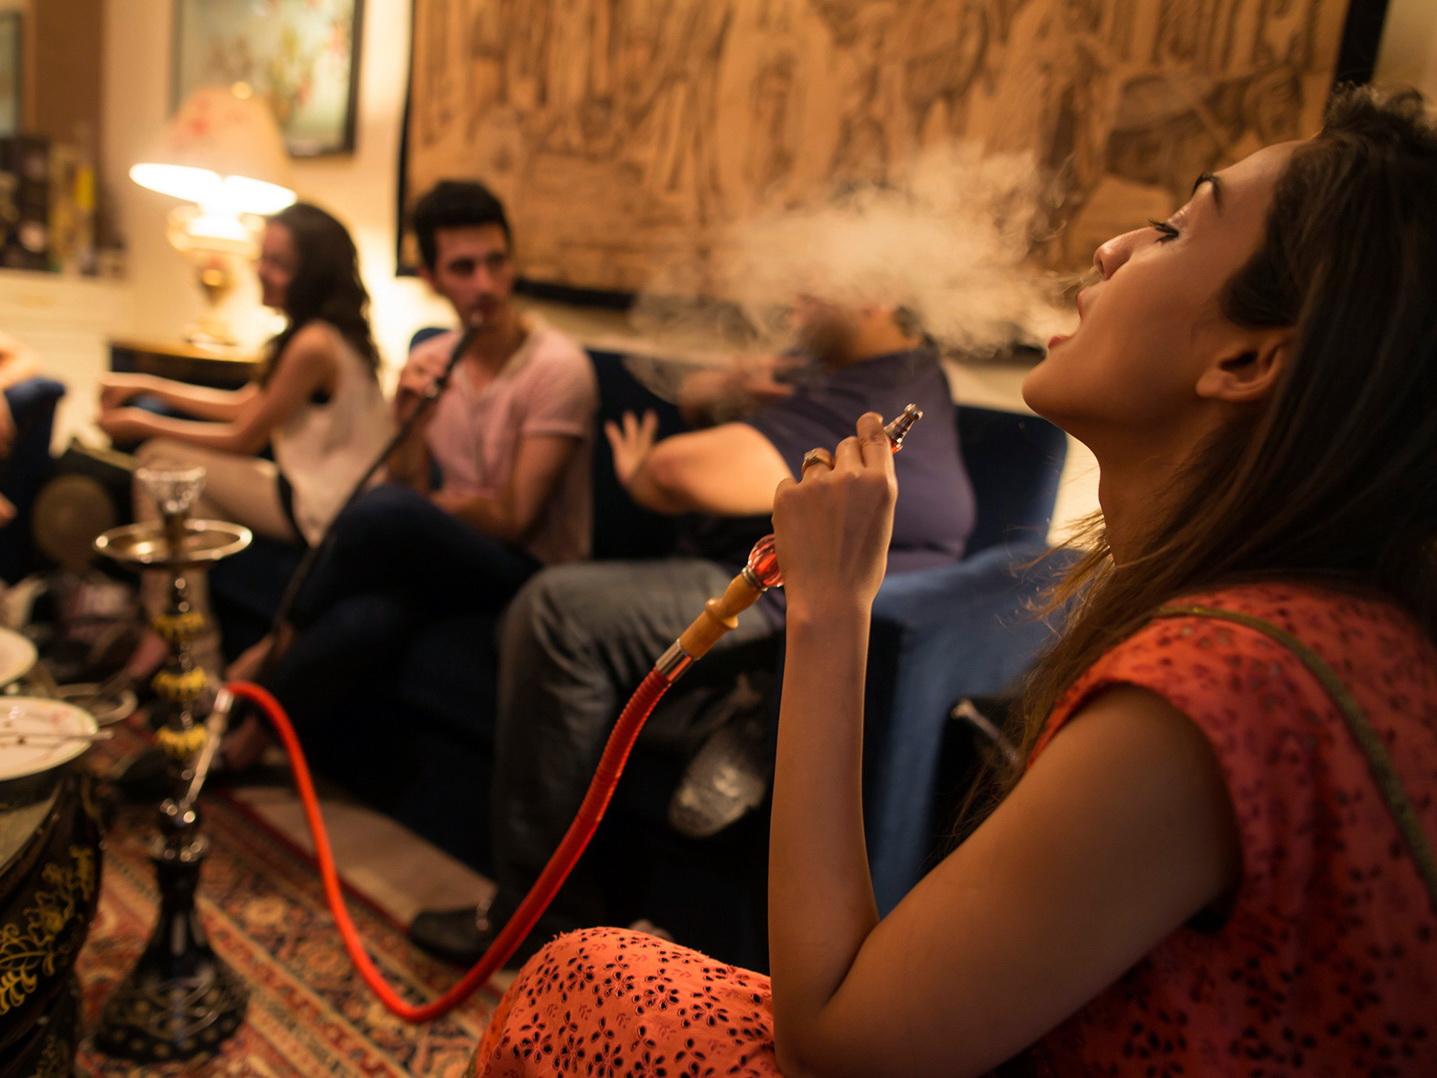 О том, в каких ресторанах можно будет курить сигареты и кальян в Баку - ПОДРОБНОСТИ